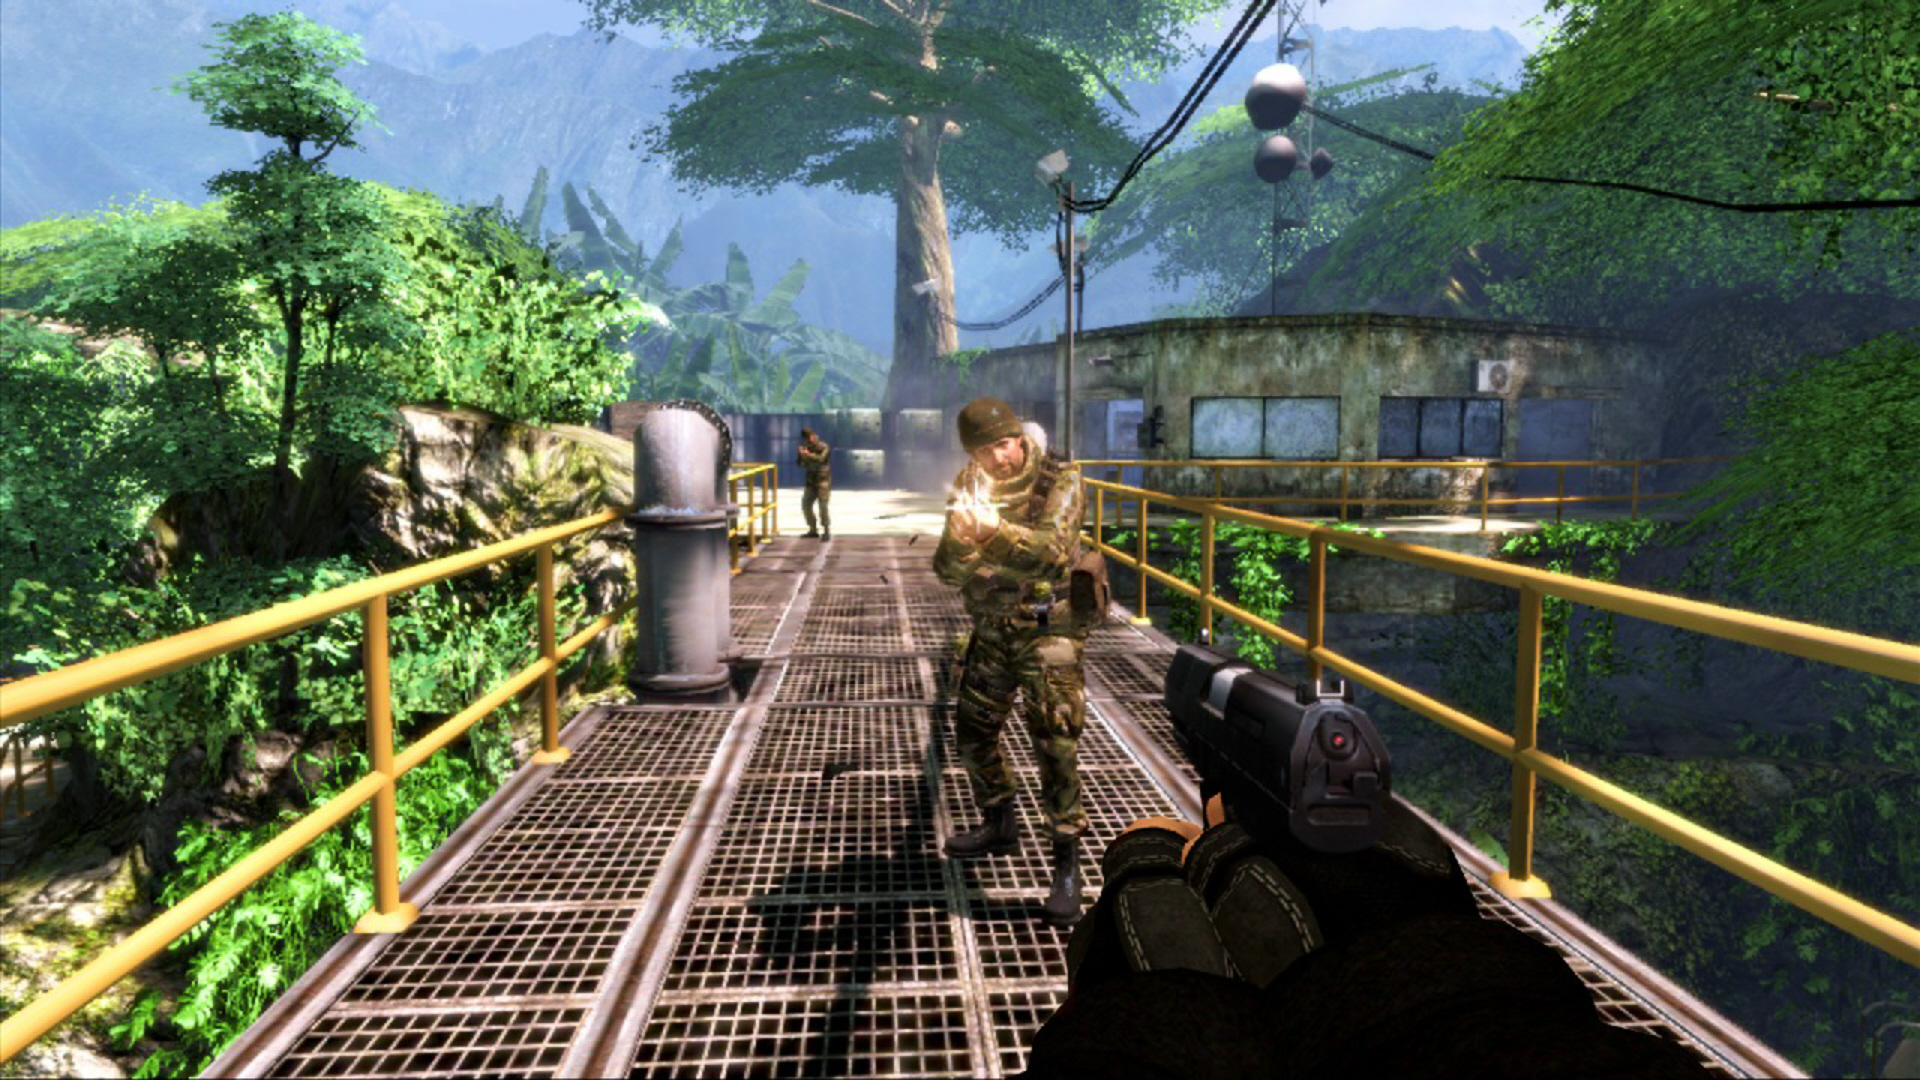 Goldeneye 007 Reloaded Spec Ops In The Jungle Wallpaper - Goldeneye 007 Reloaded Xbox 360 , HD Wallpaper & Backgrounds